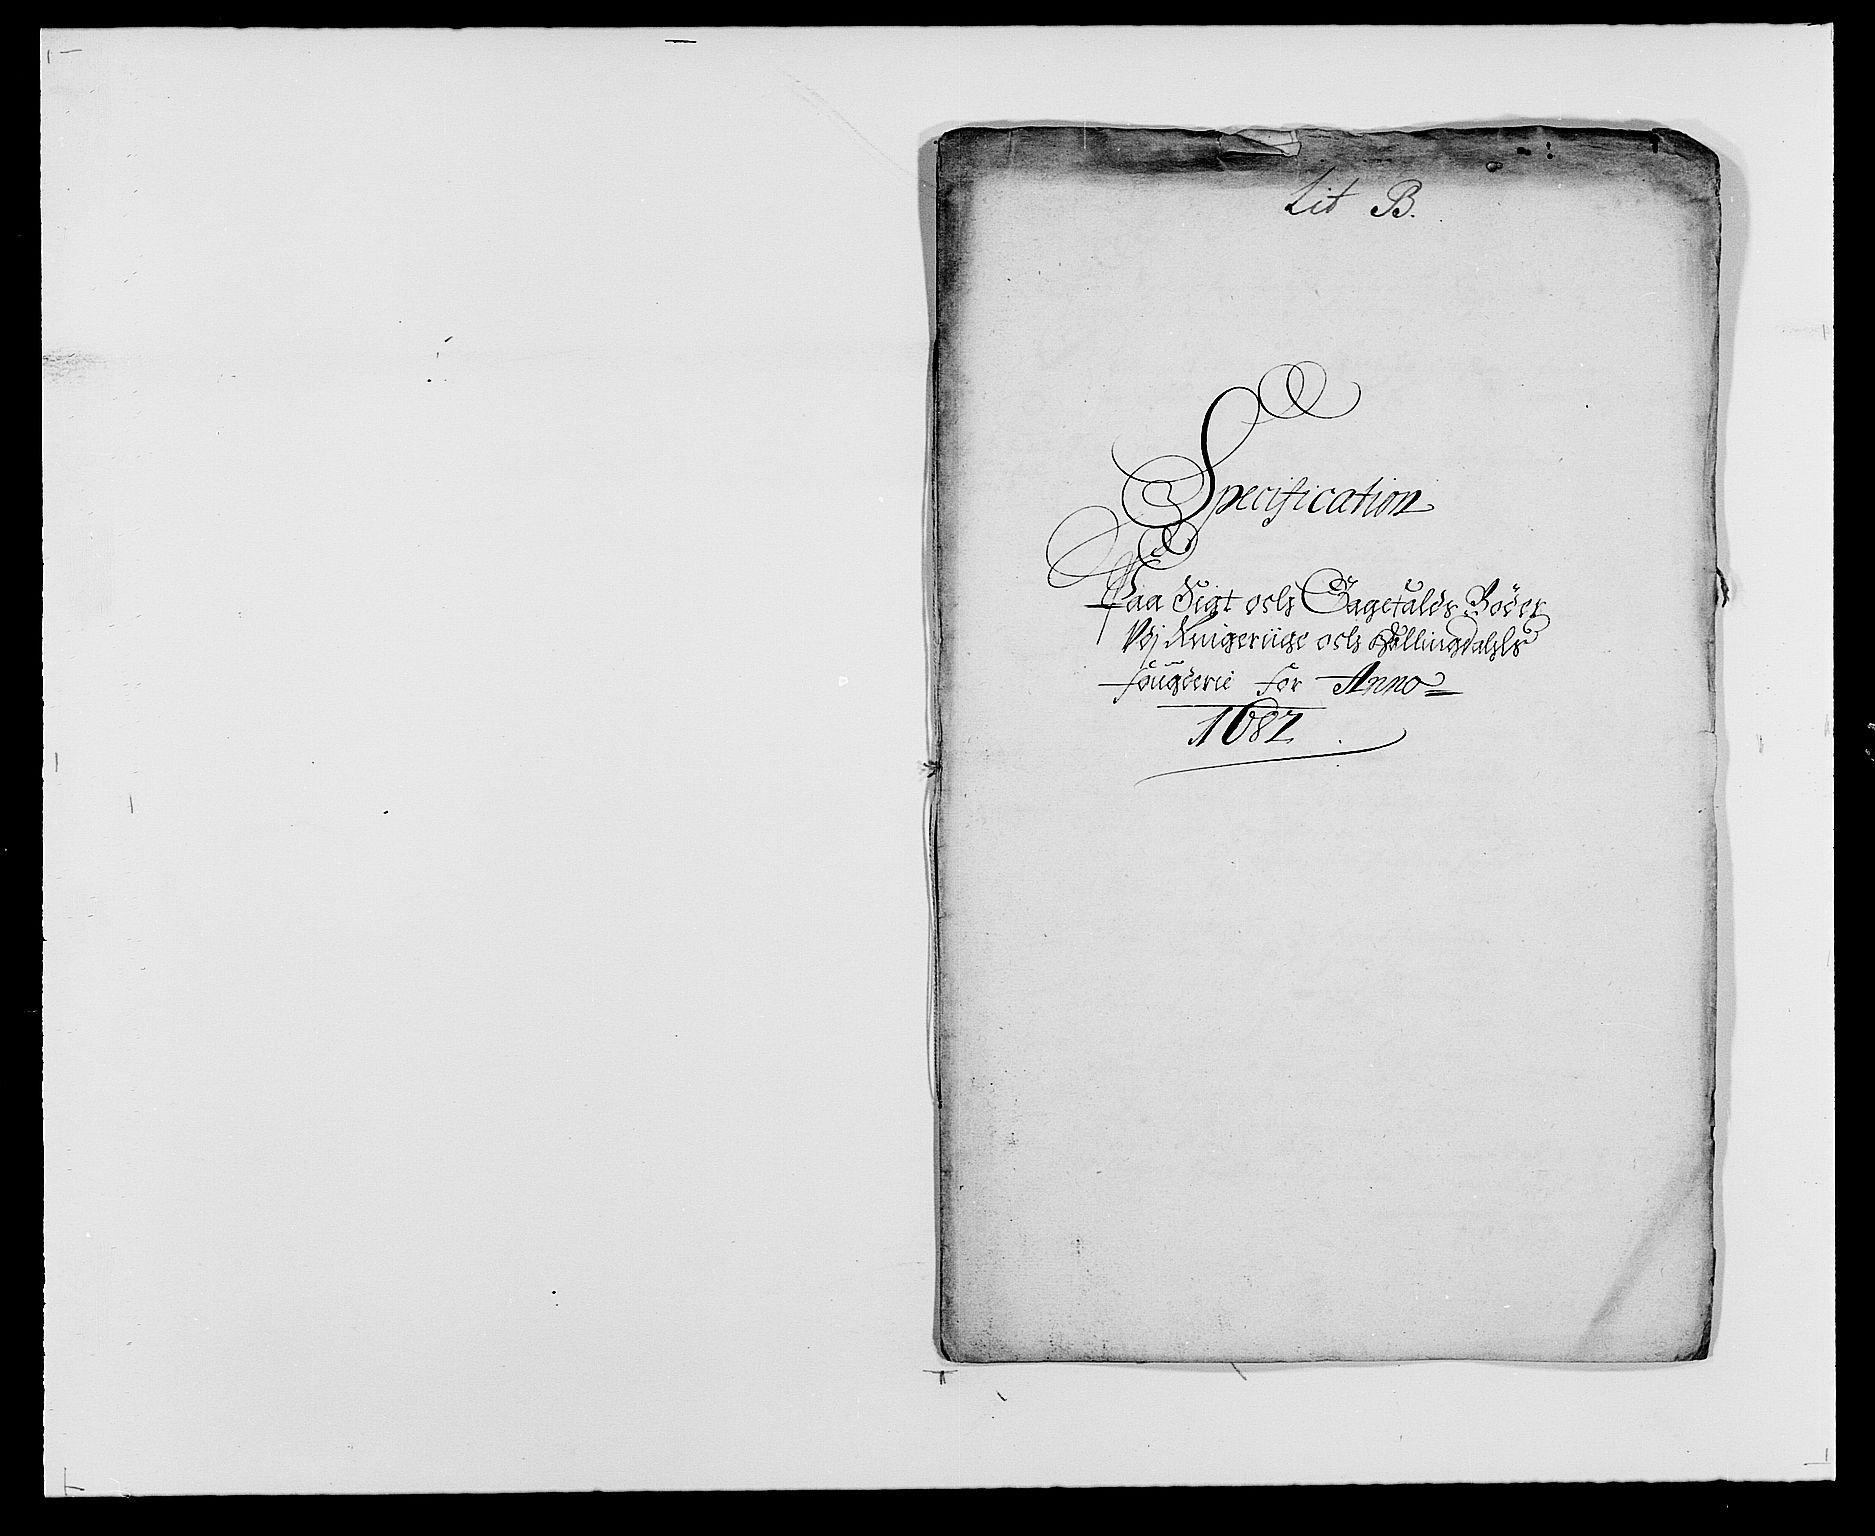 RA, Rentekammeret inntil 1814, Reviderte regnskaper, Fogderegnskap, R21/L1445: Fogderegnskap Ringerike og Hallingdal, 1681-1689, s. 232